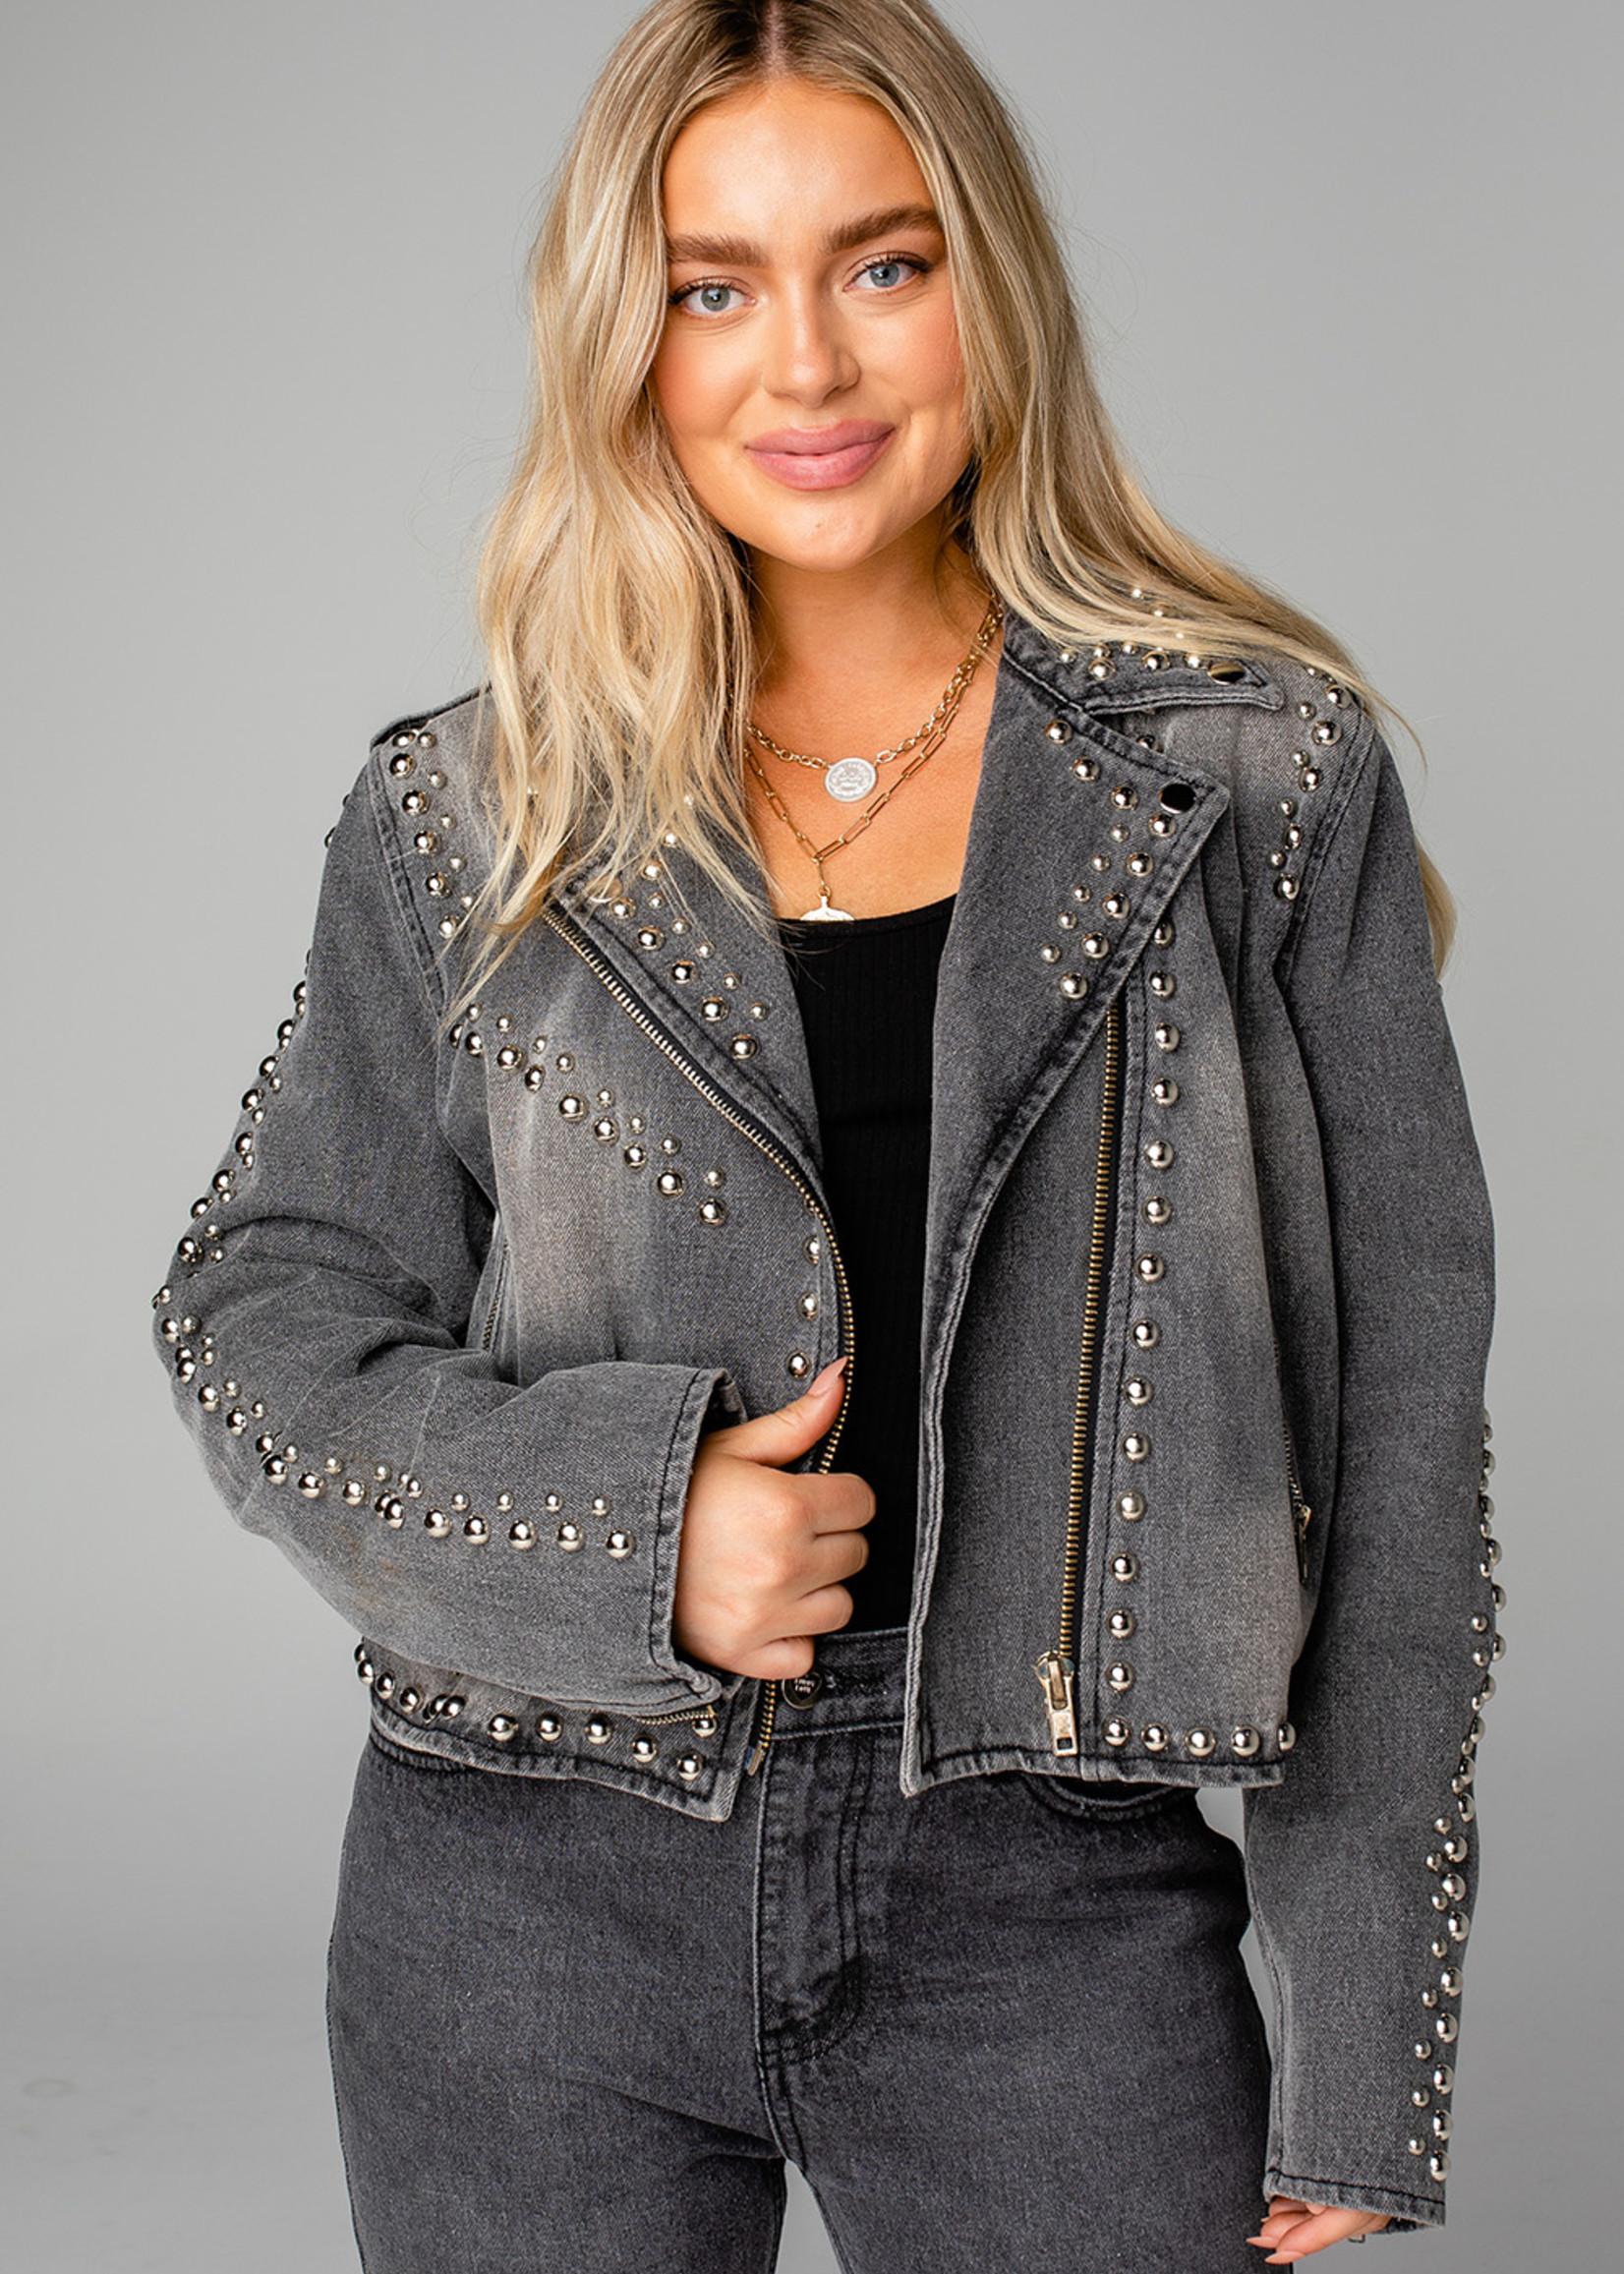 Buddy Love Bianca Studded Denim Jacket